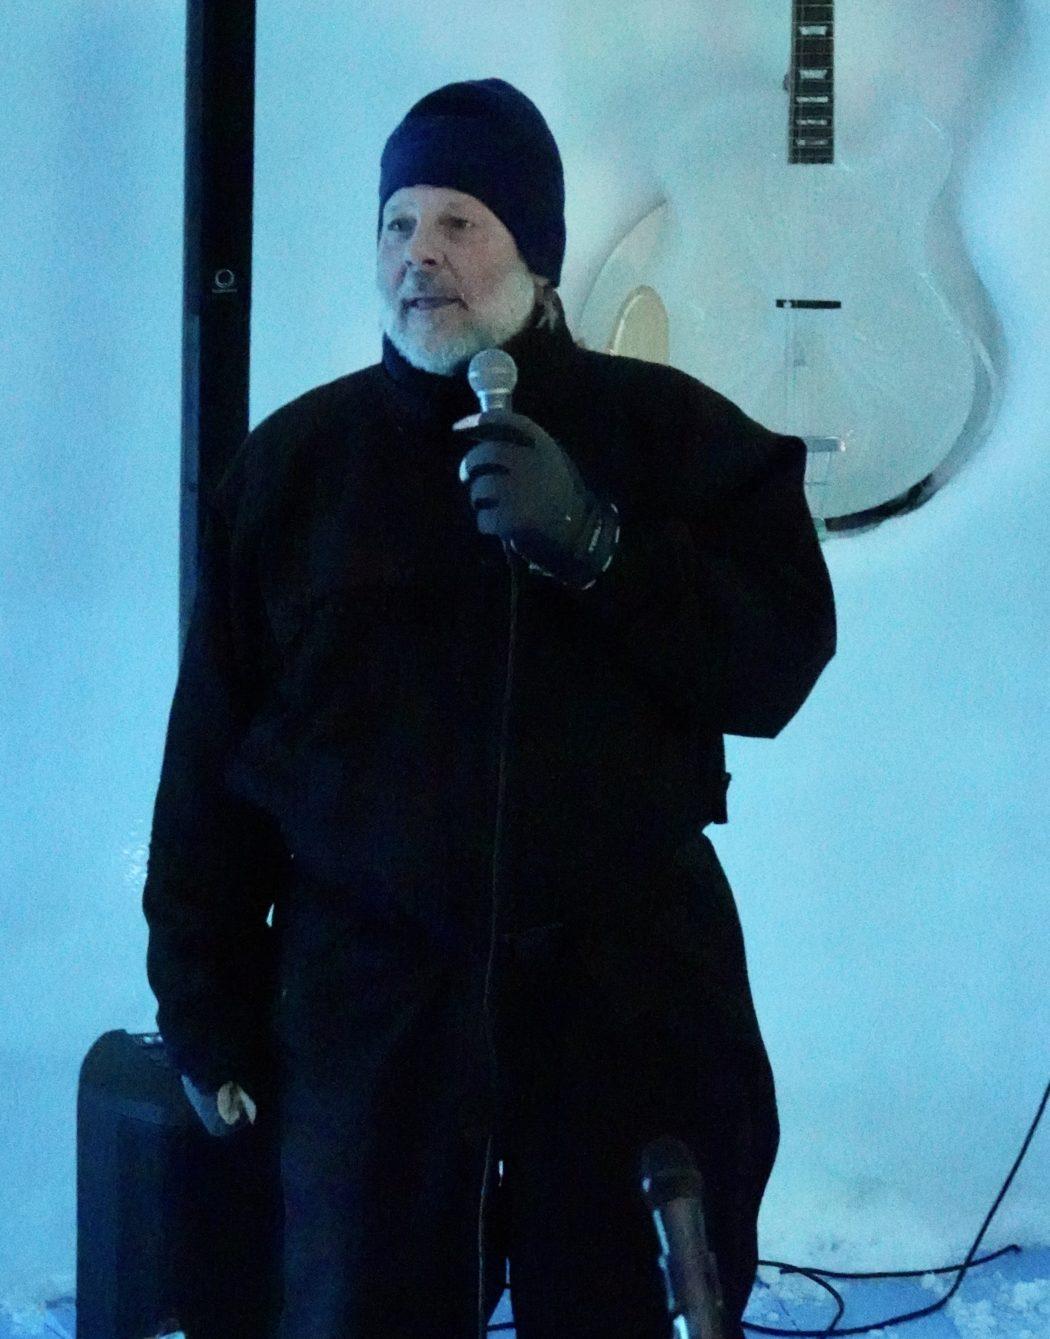 Tim Linhart